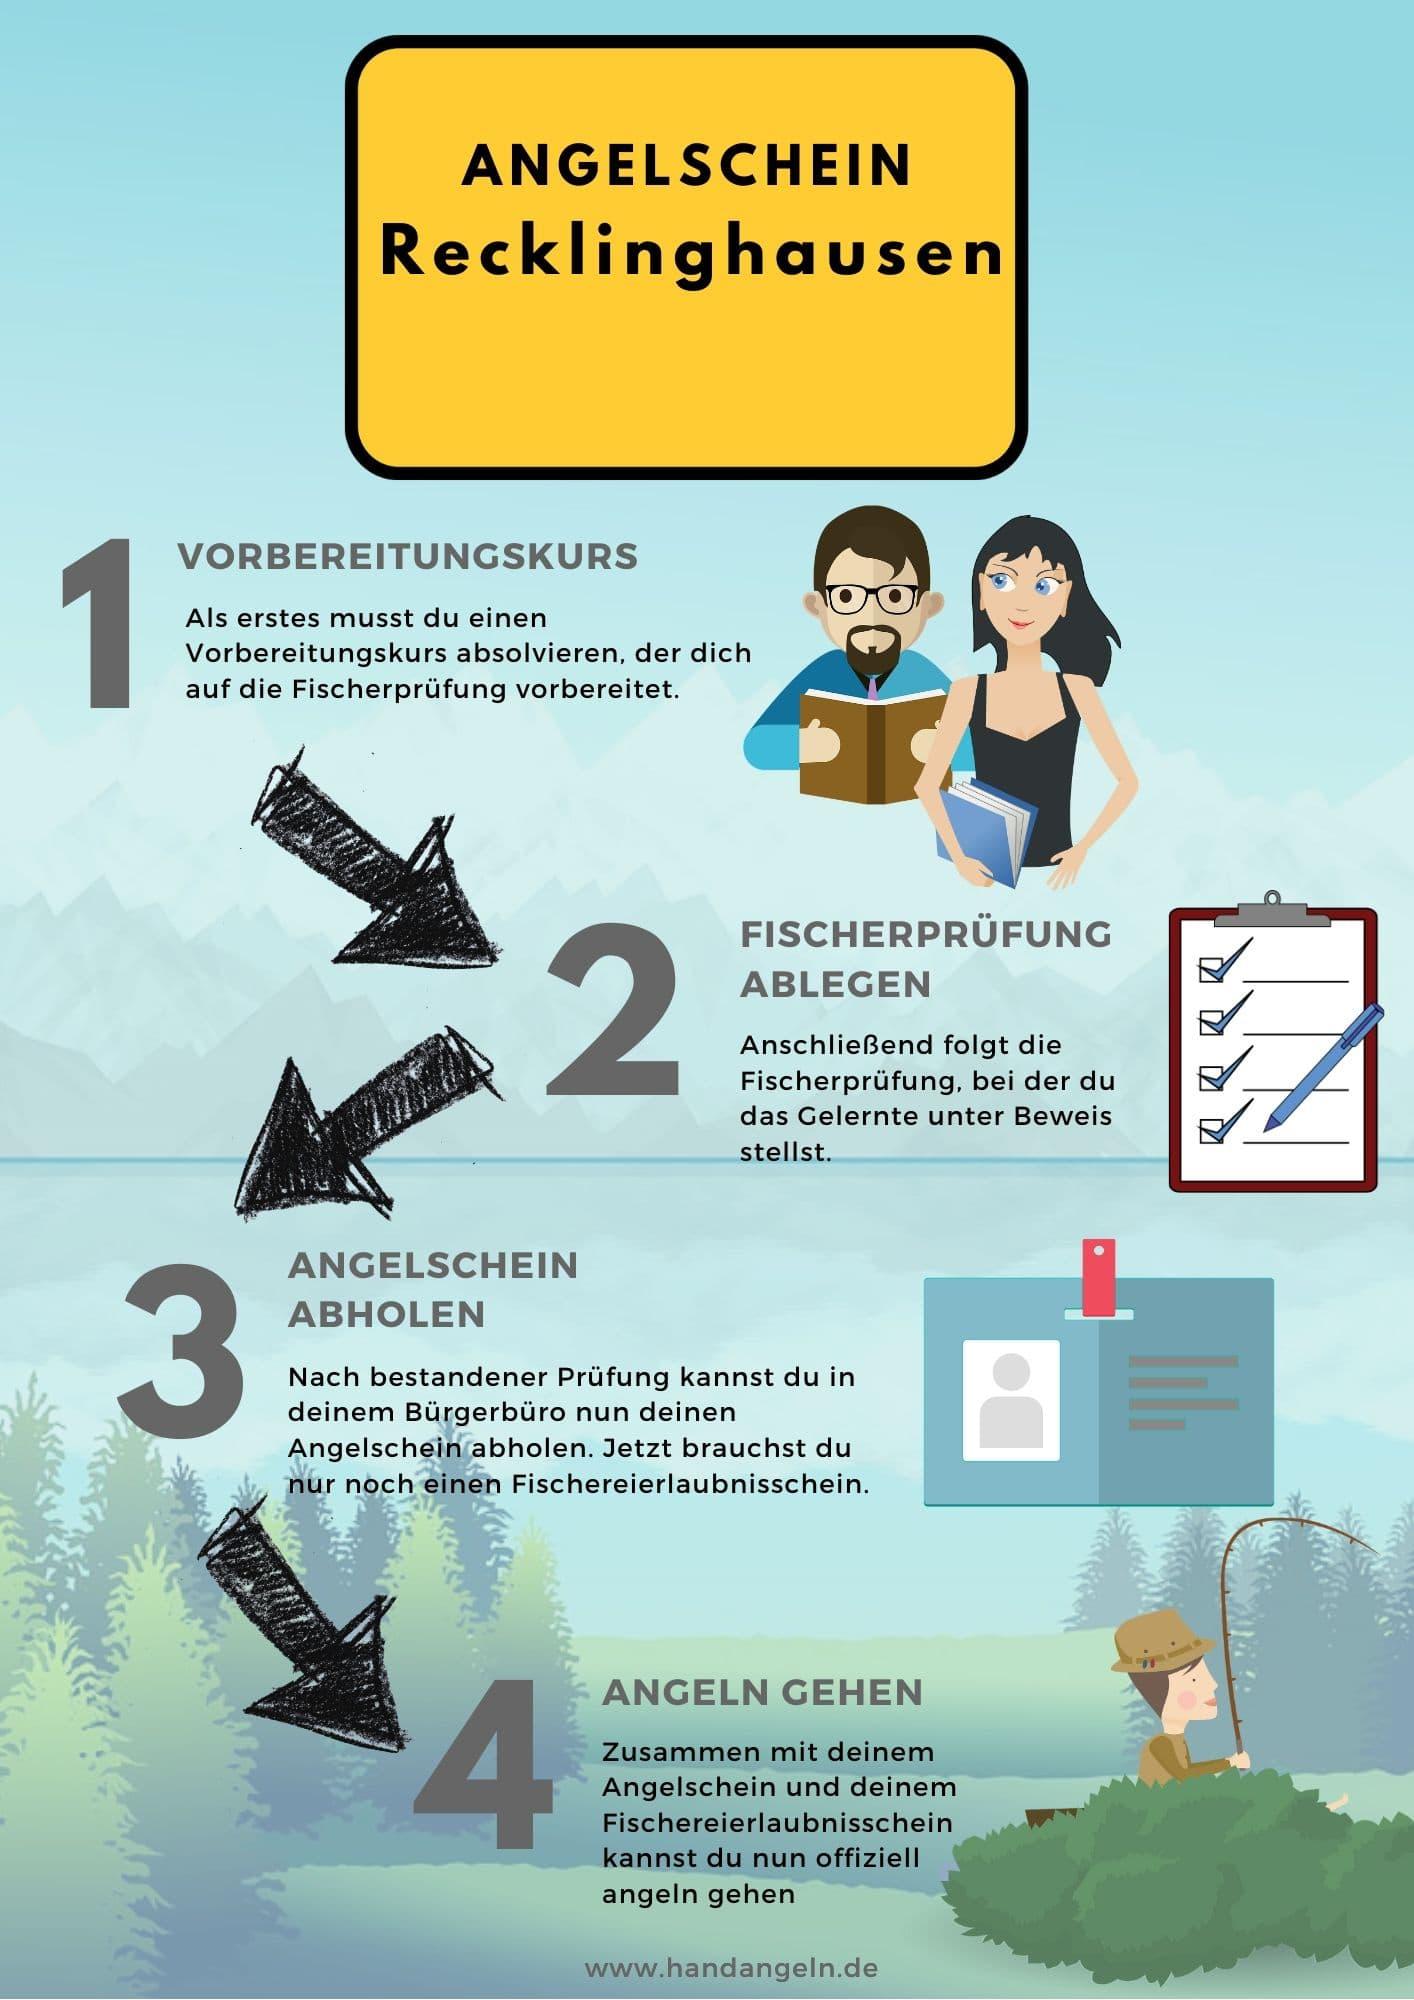 Angelschein Recklinghausen Anleitung Leitfaden